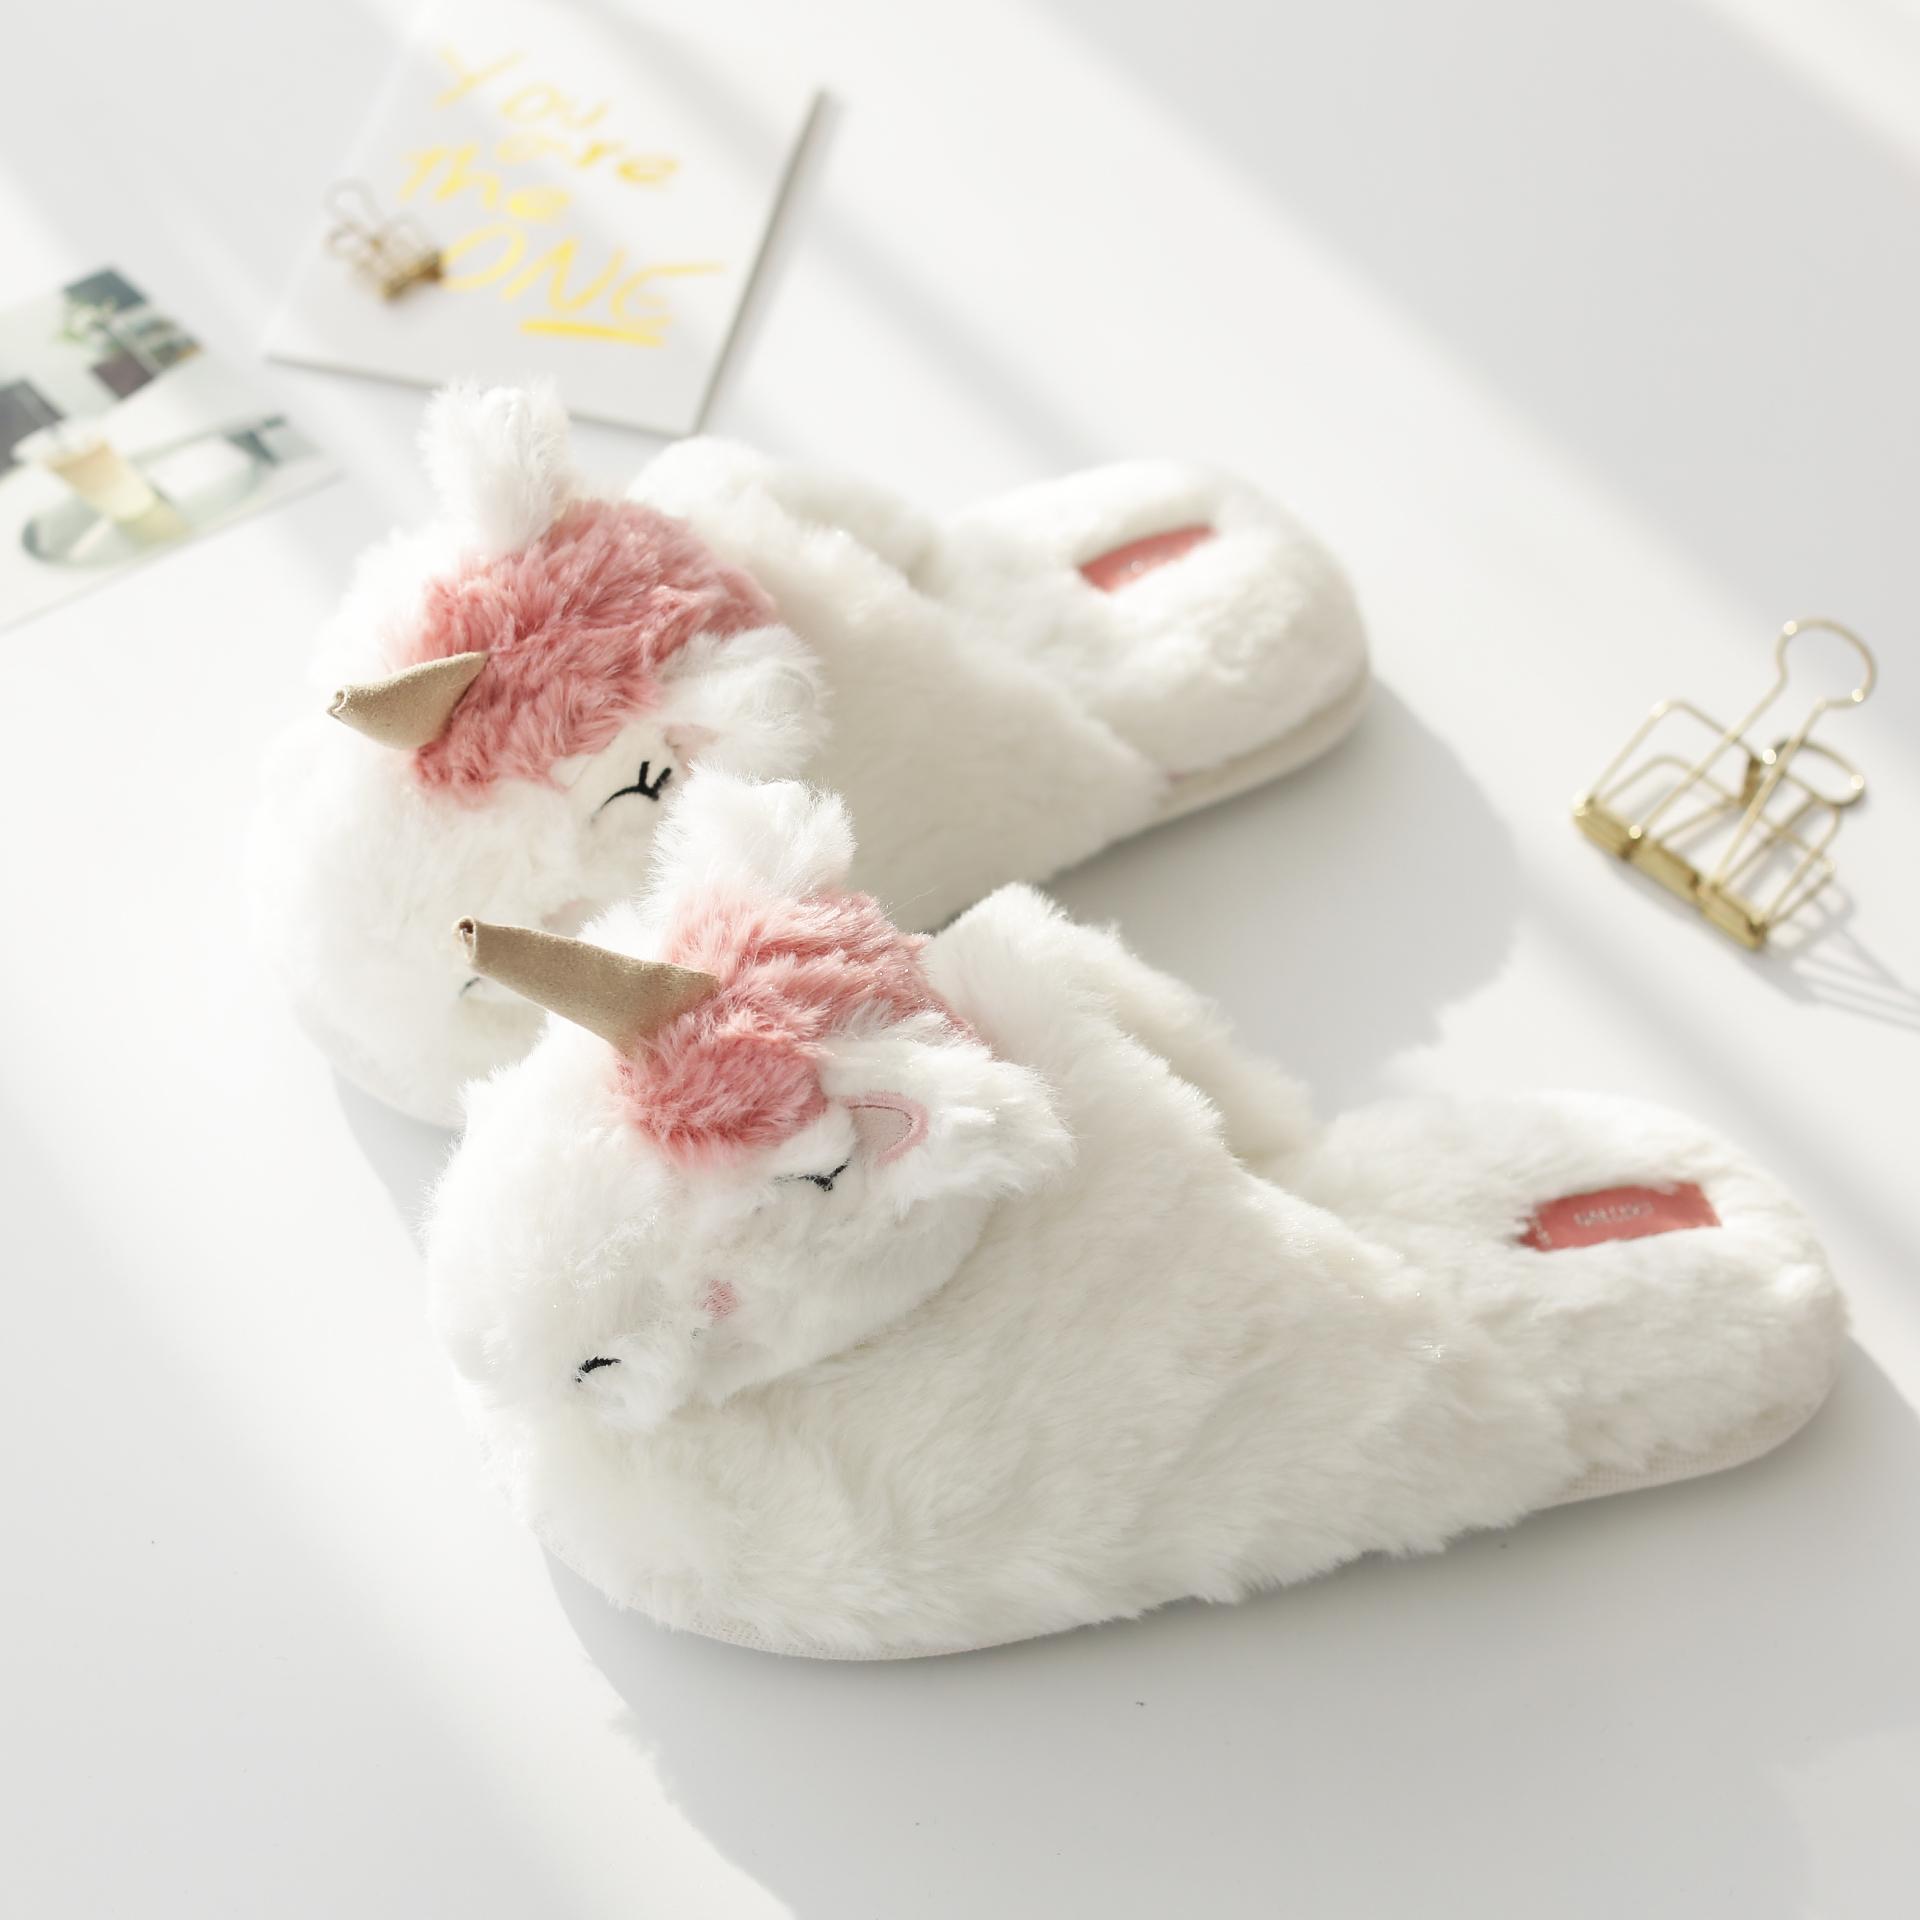 可爱冬立体工艺萌兔包脚保暖韩式女款毛绒防滑室内家居拖鞋地板鞋